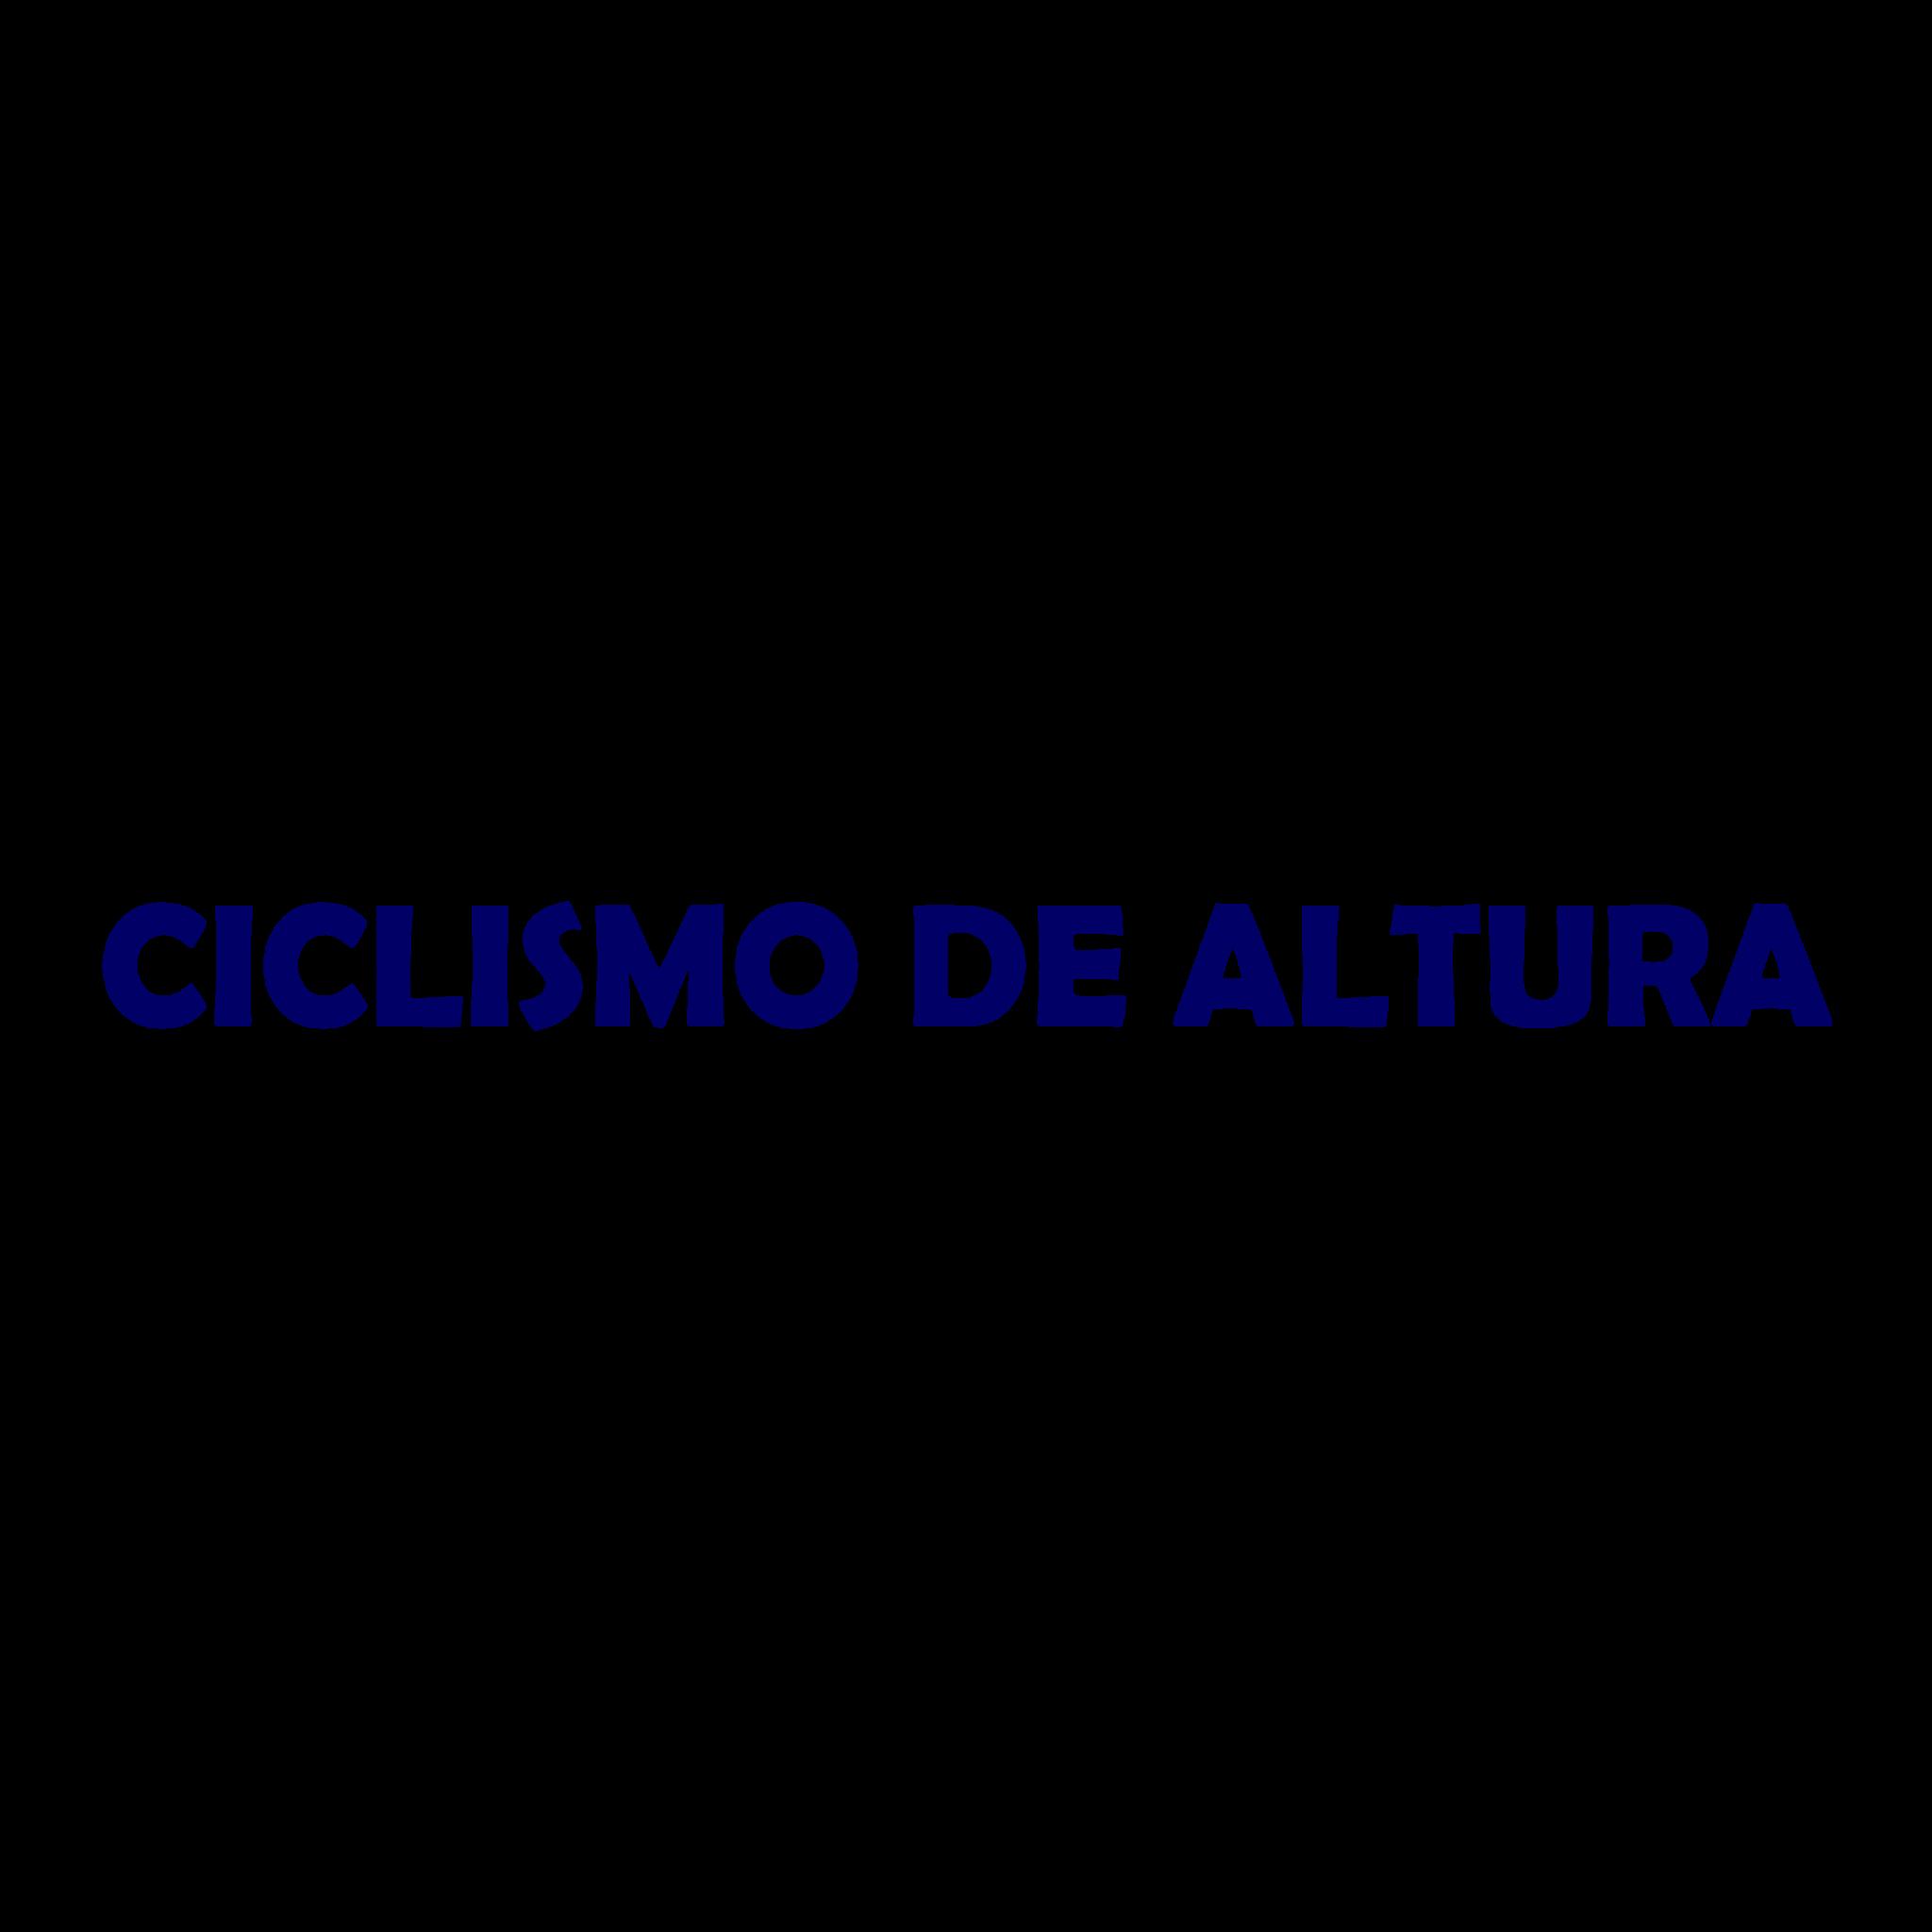 00_logo cuadrado_CICLISMO DE ALTURA